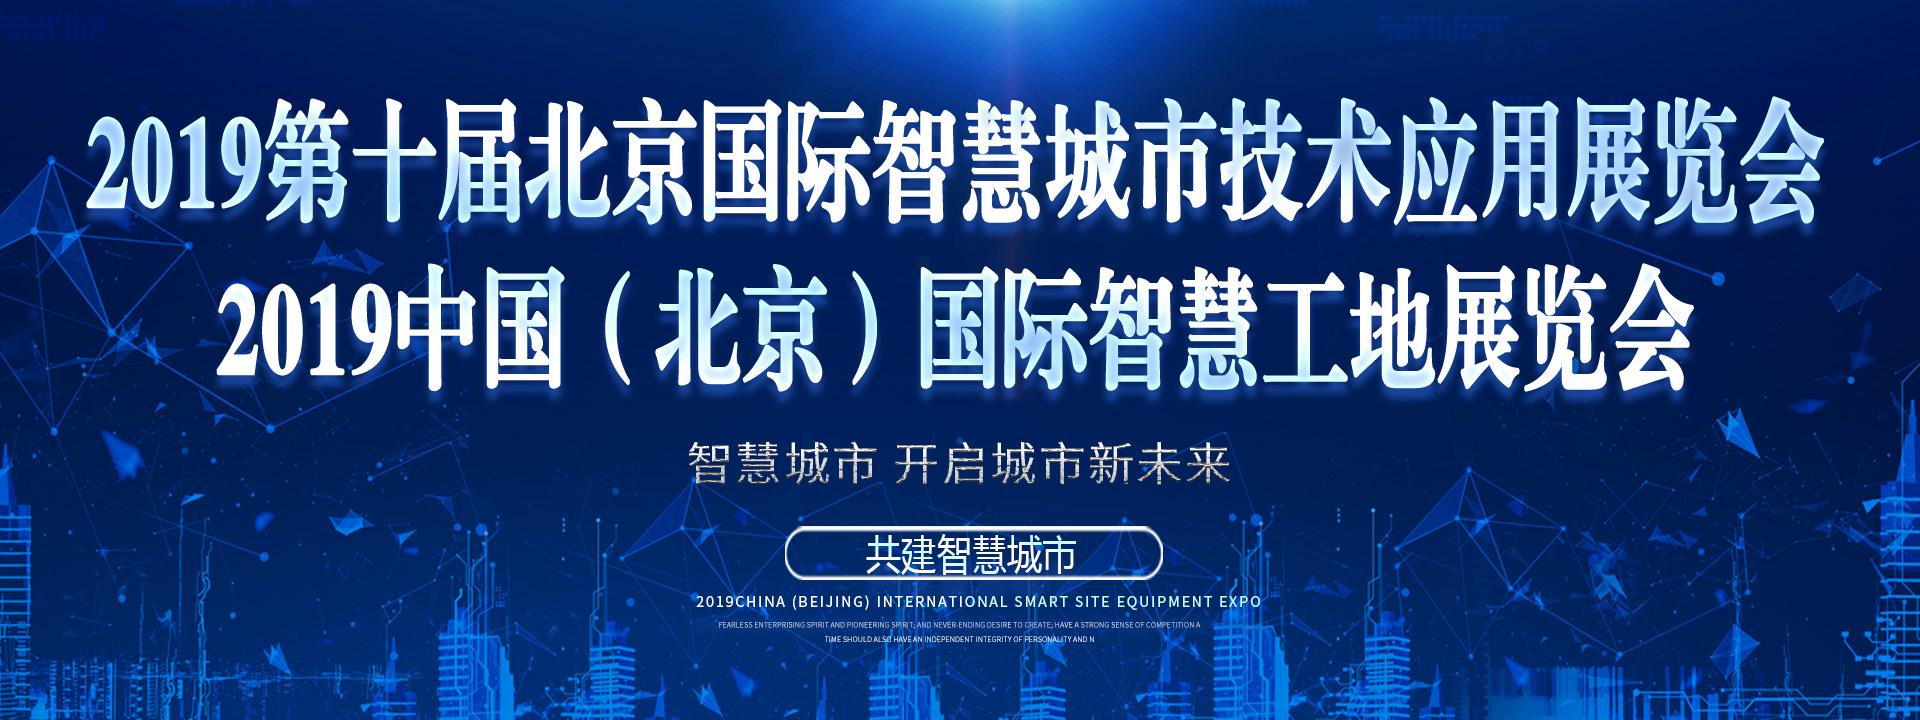 2019中国国际智慧城市、智慧工地展览会